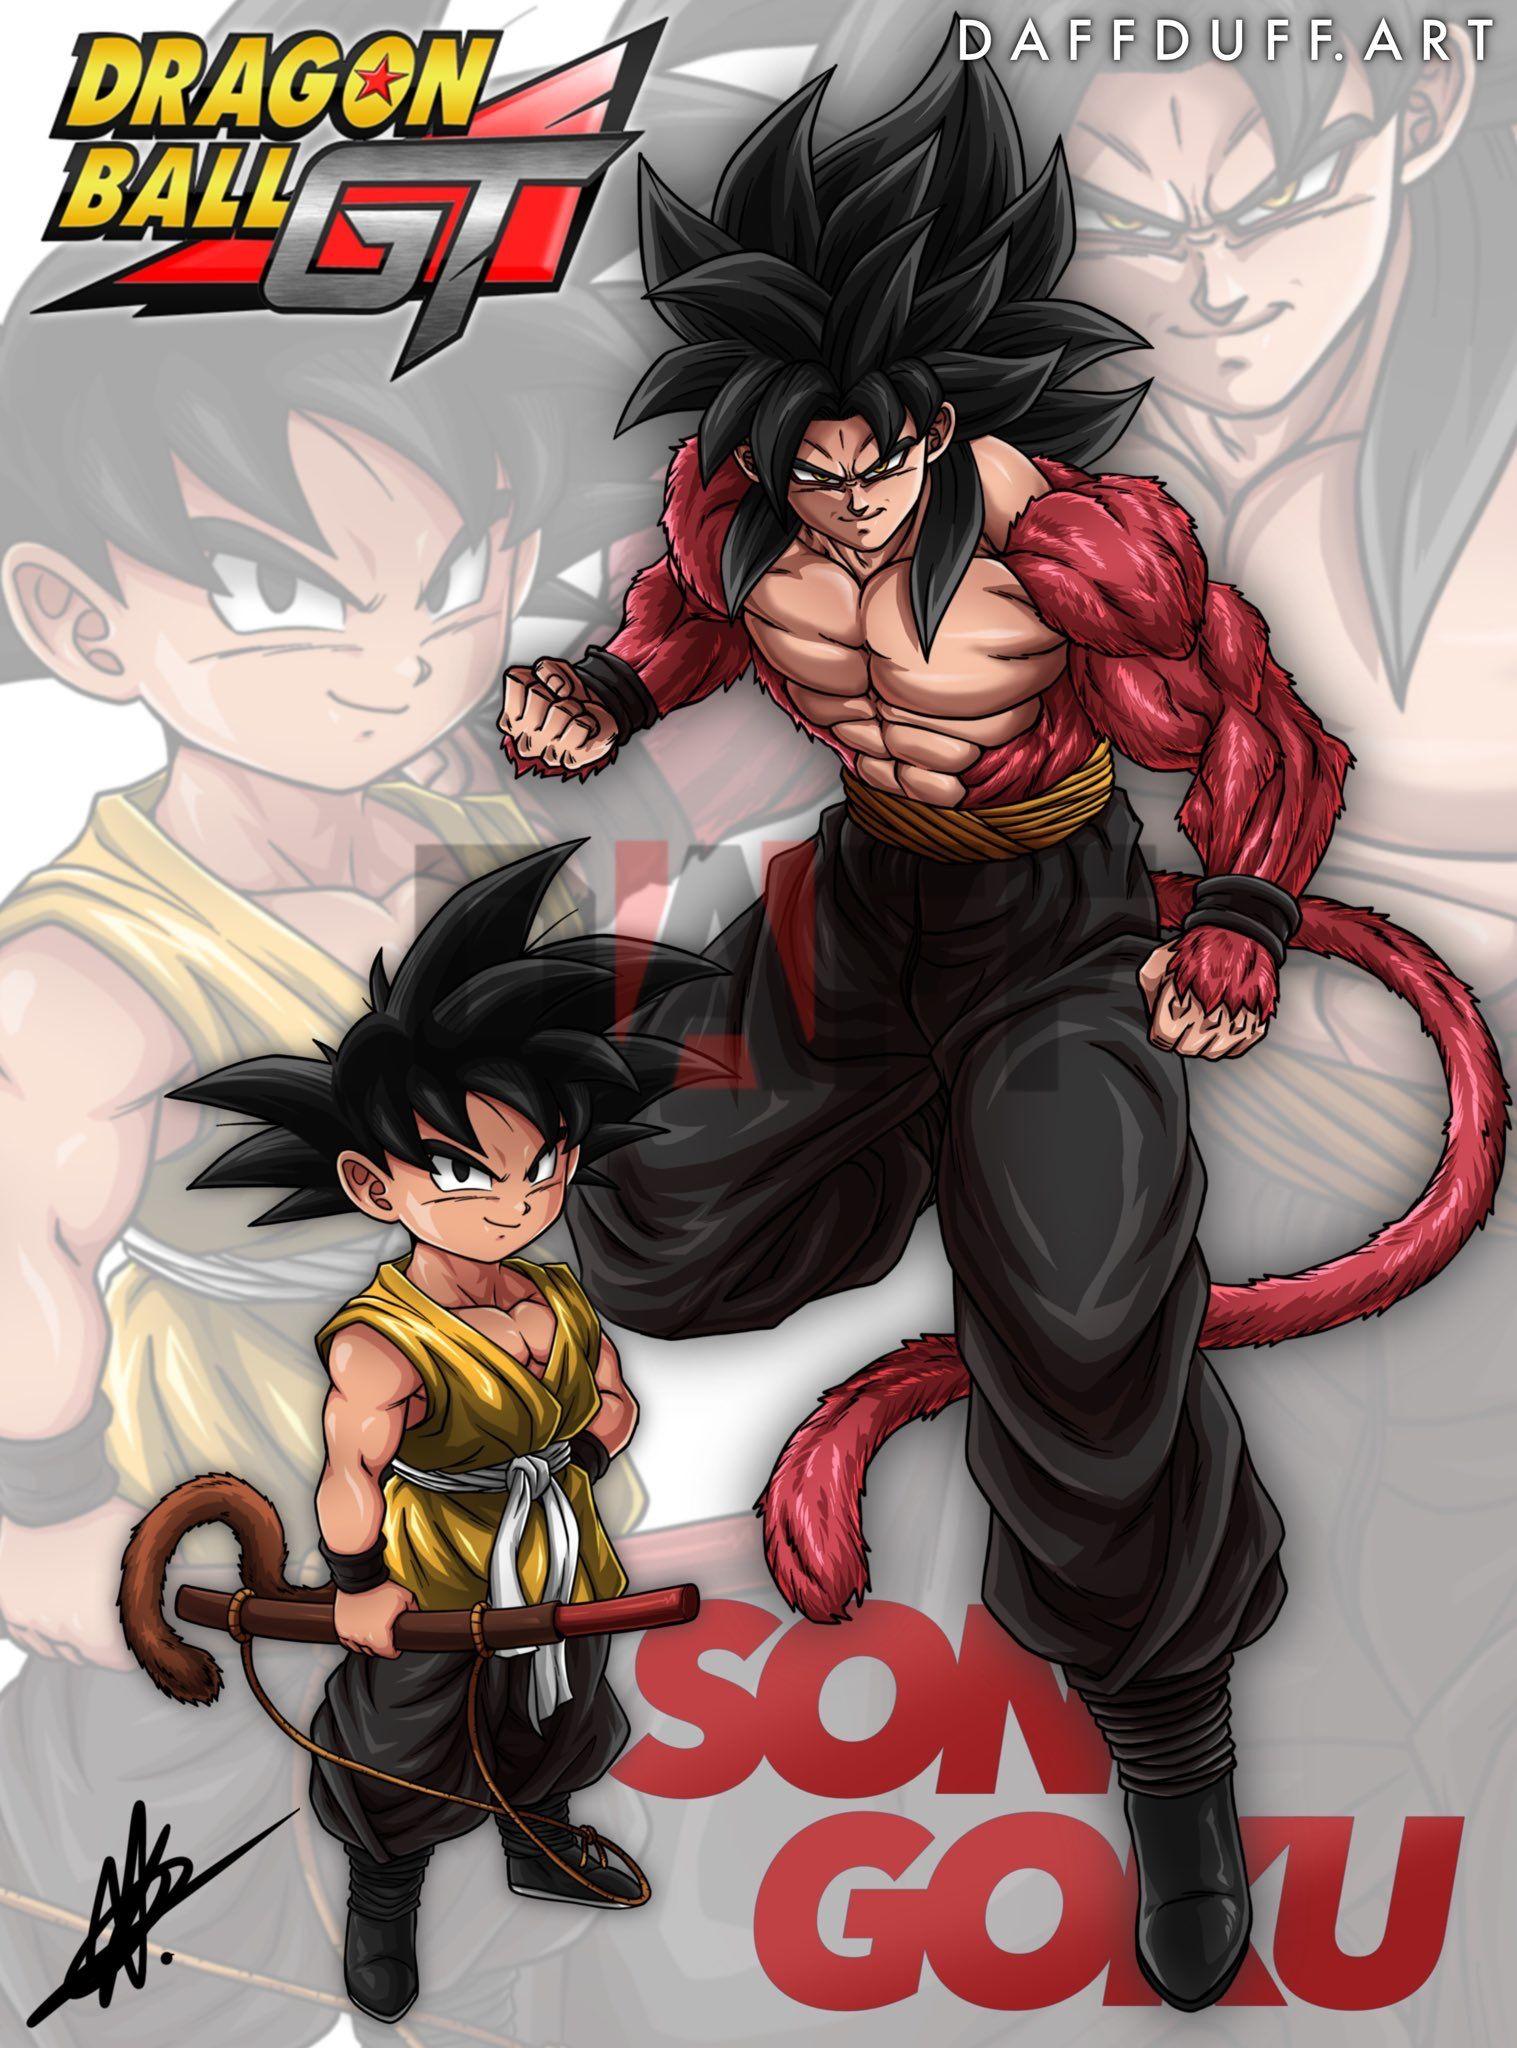 Pin By Thatguywho On Dragon Ball Dragon Ball Gt Anime Dragon Ball Super Dragon Ball Art